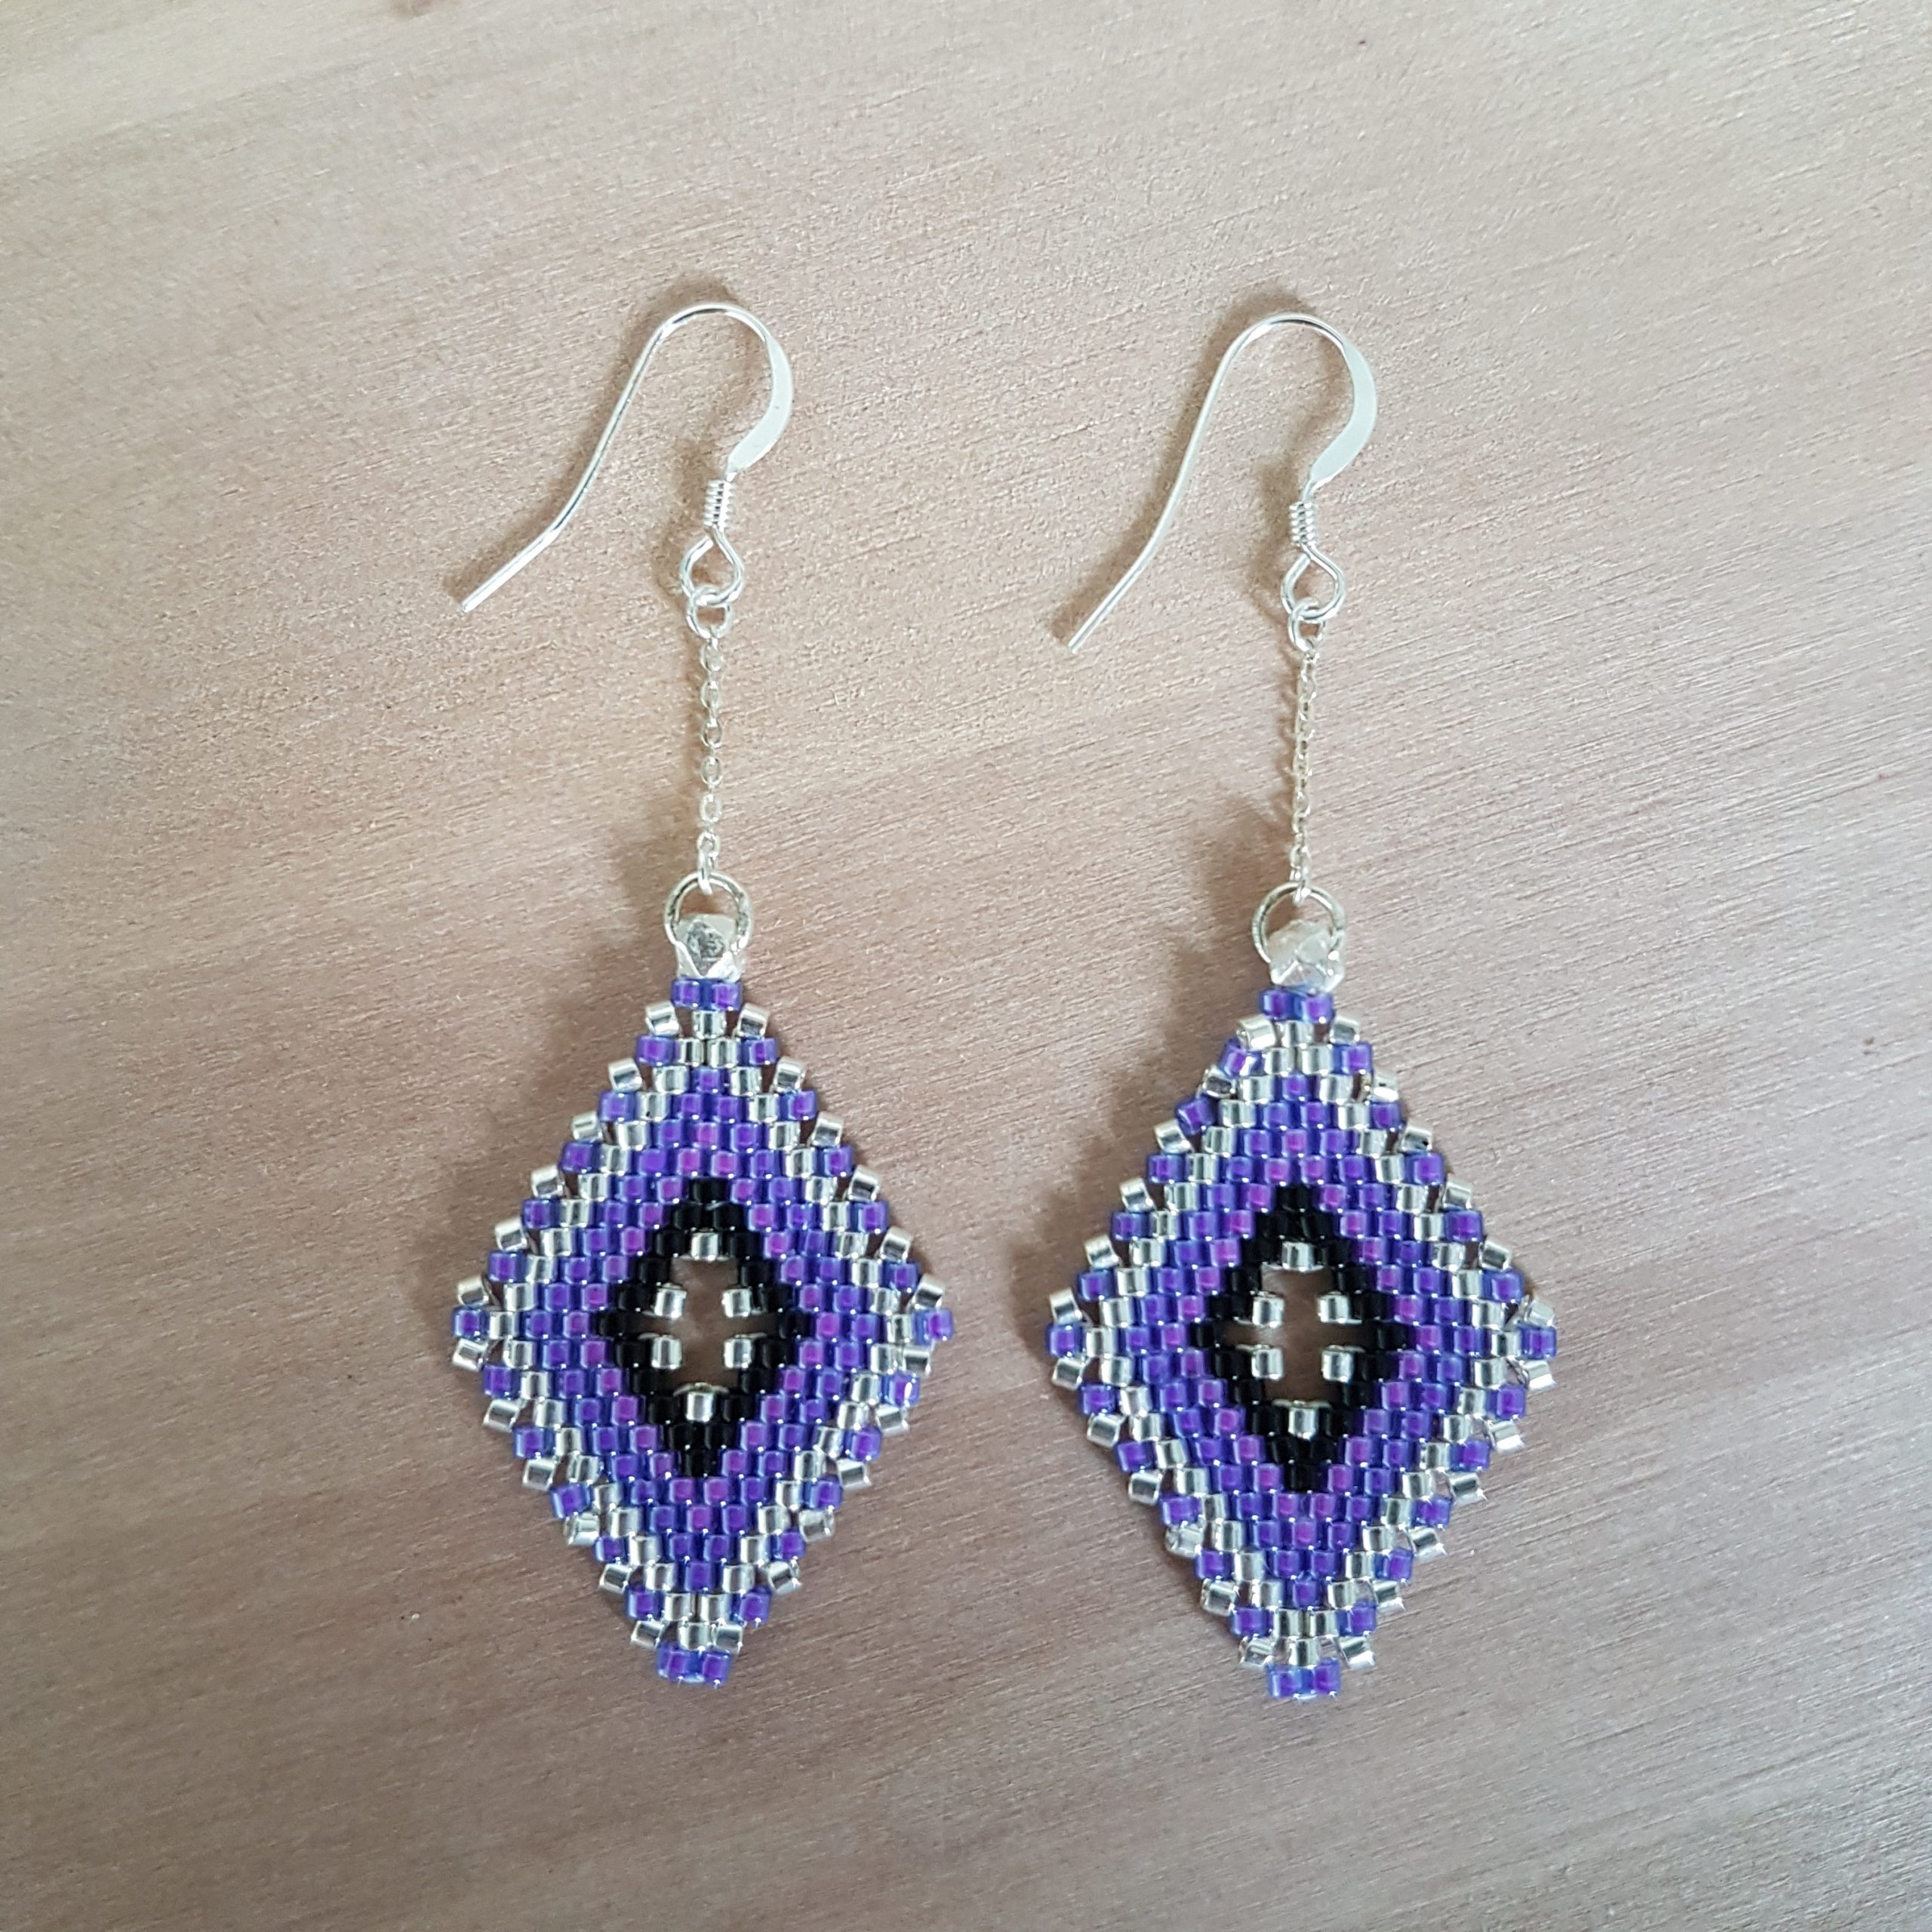 Boucles d'oreilles LINA [violet]